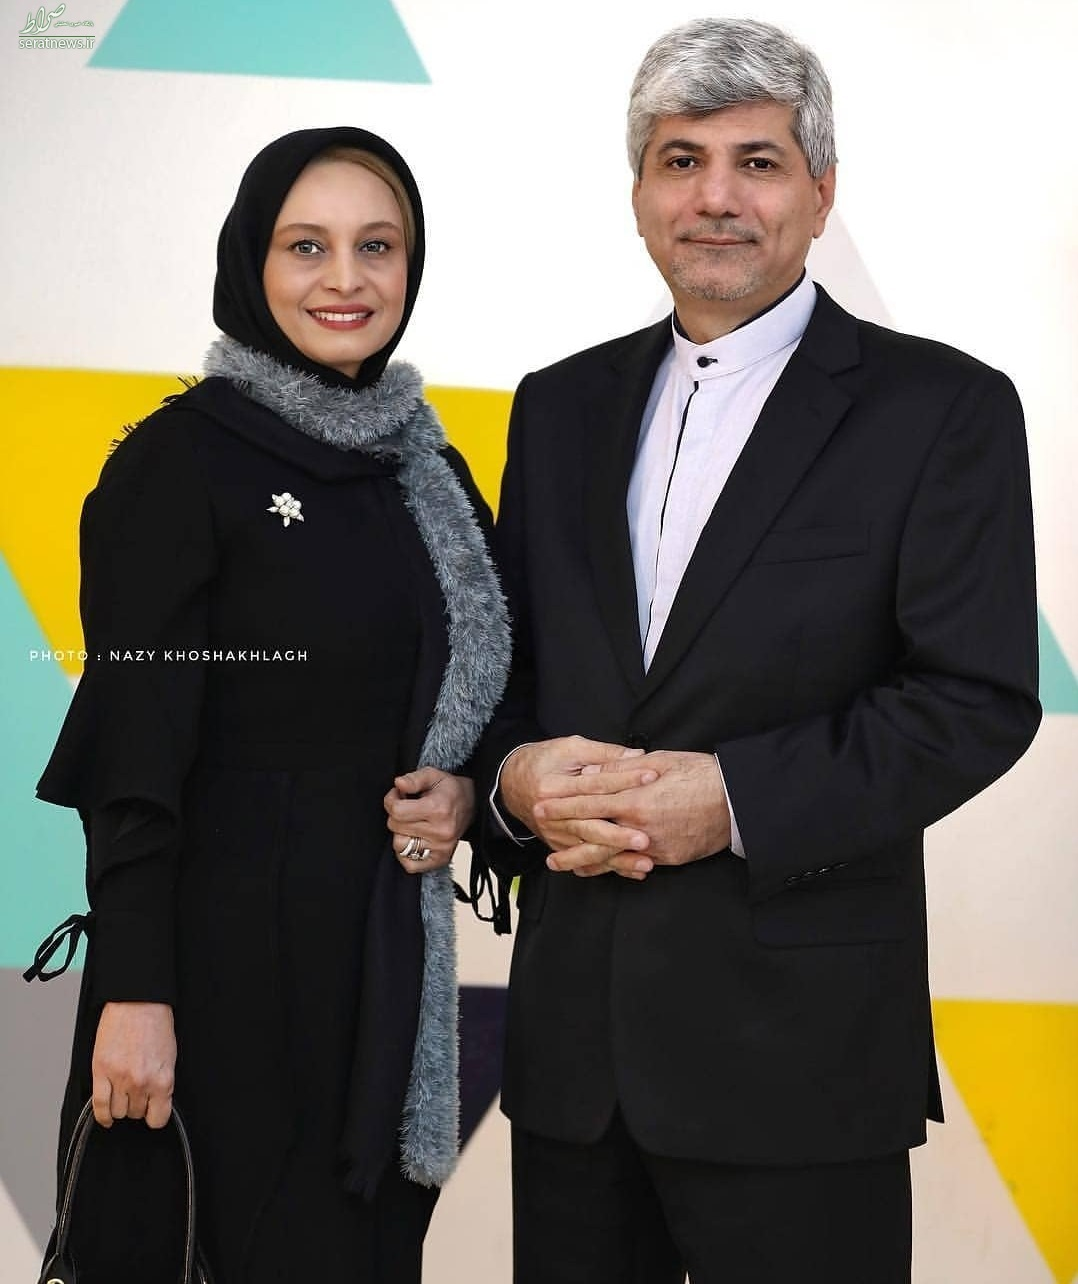 ازدواج خانم بازیگر با سخنگوی سابق وزارت خارجه +عکس و جزئیات